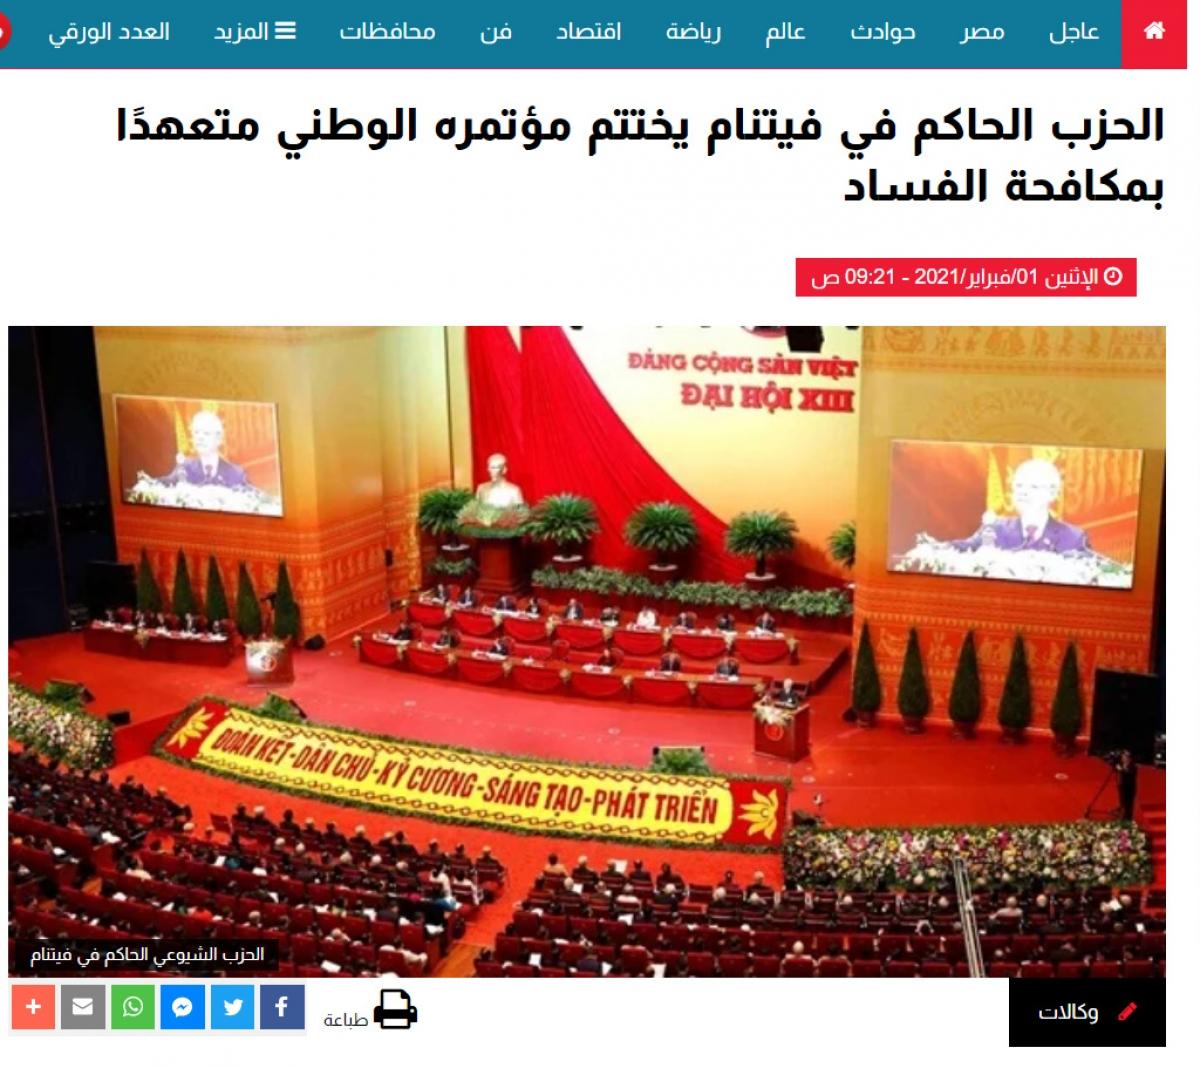 """Bài viết trên báo """"Hiến pháp"""" với tiêu đề """"Đảng Cộng sản Việt Nam bế mạc Đại hội đại biểu toàn quốc với cam kết chống tham nhũng""""."""